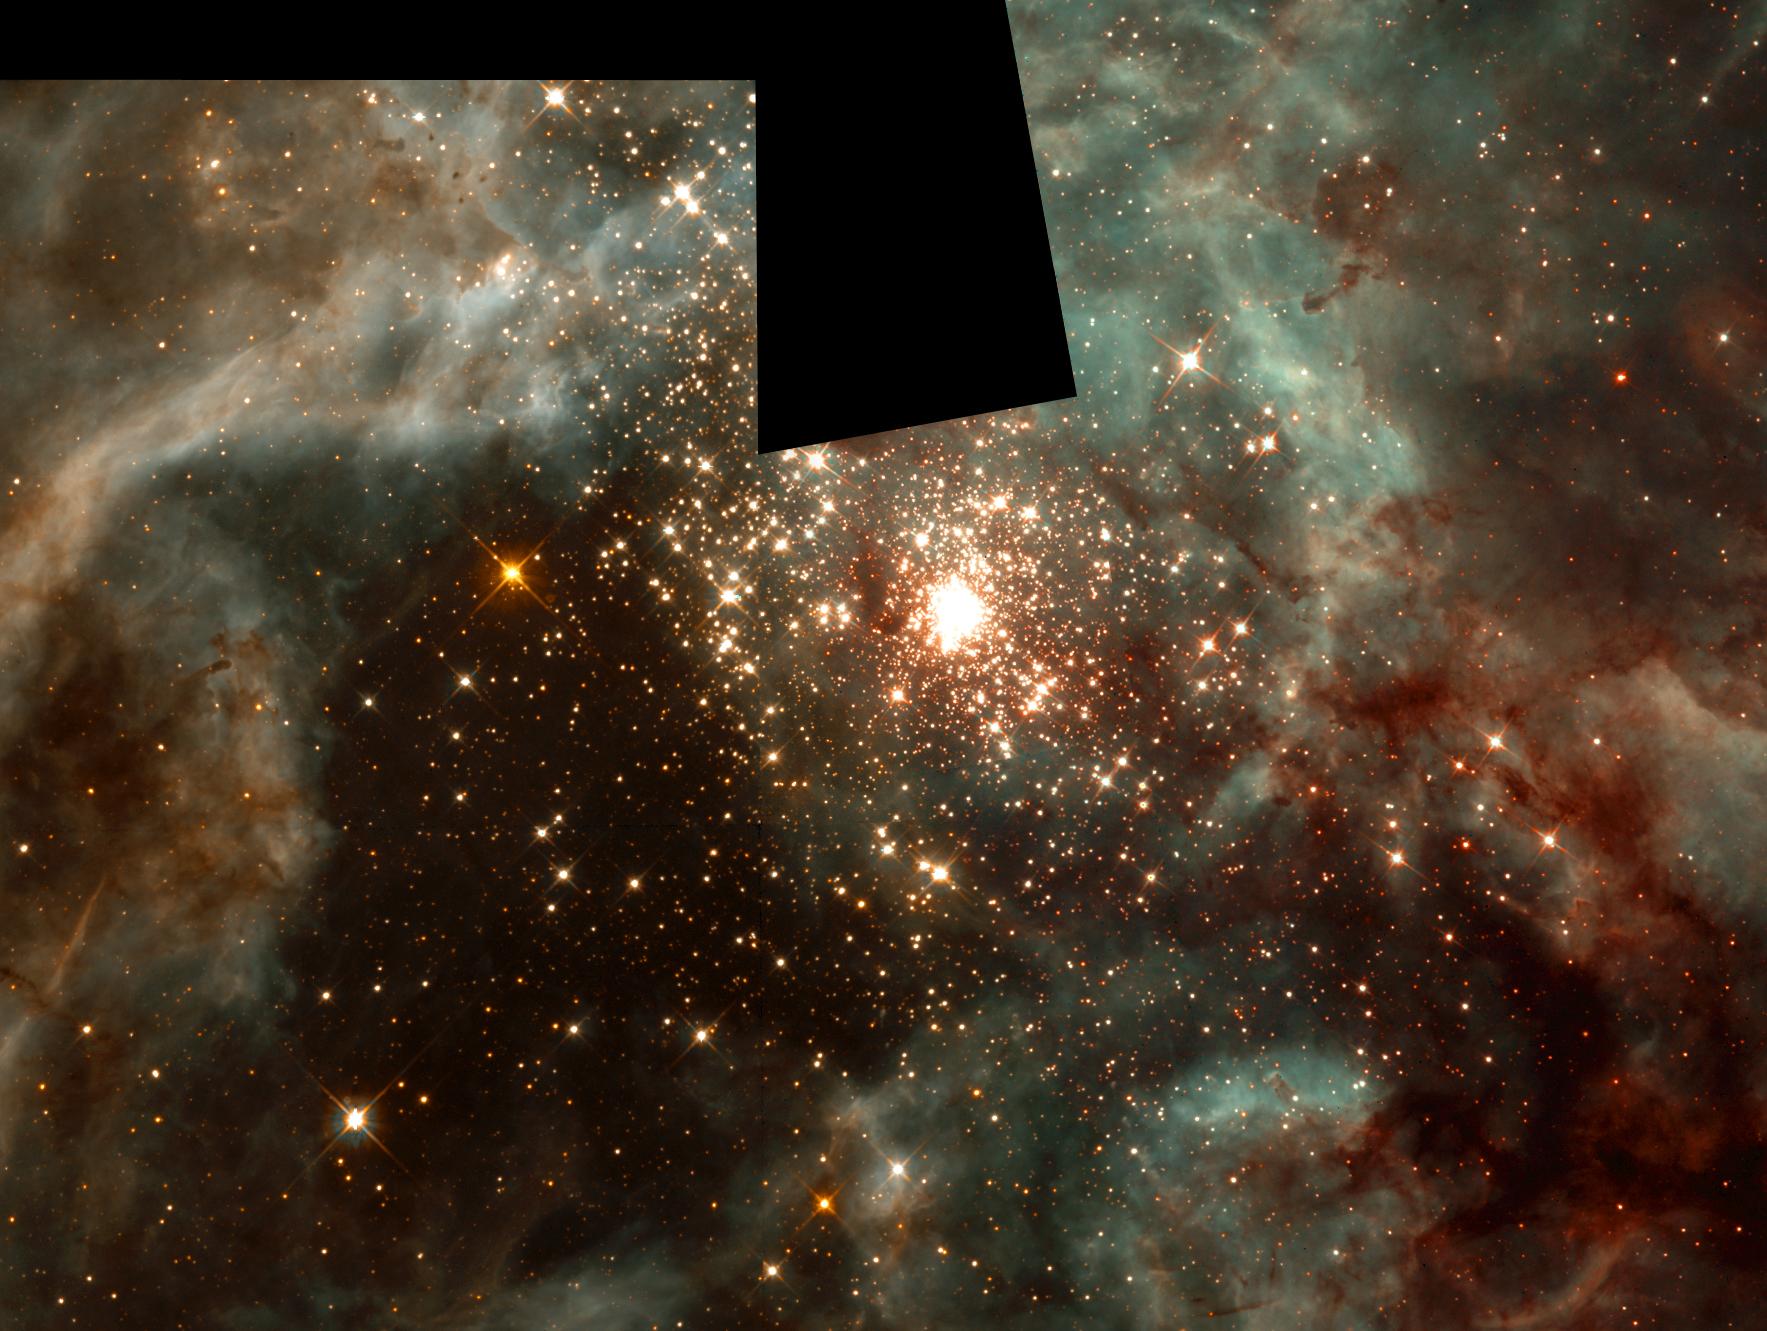 massive star pics from nasa - photo #19